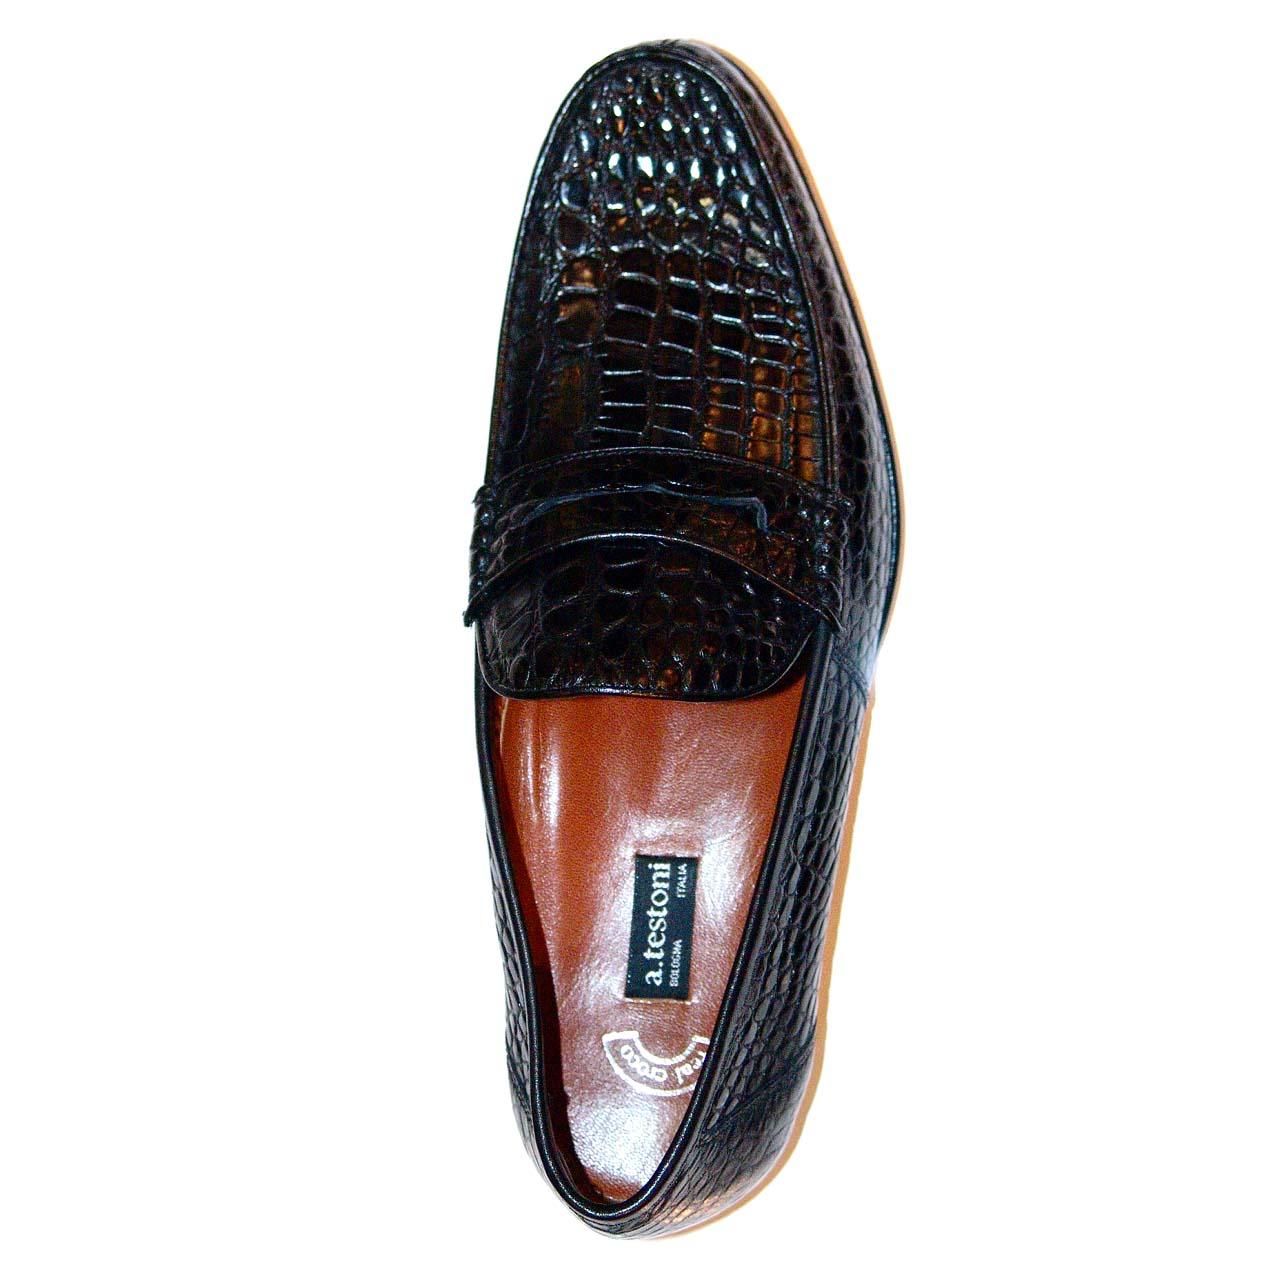 A. Testoni M80214 Shoes Black Calf | Women's Shoes